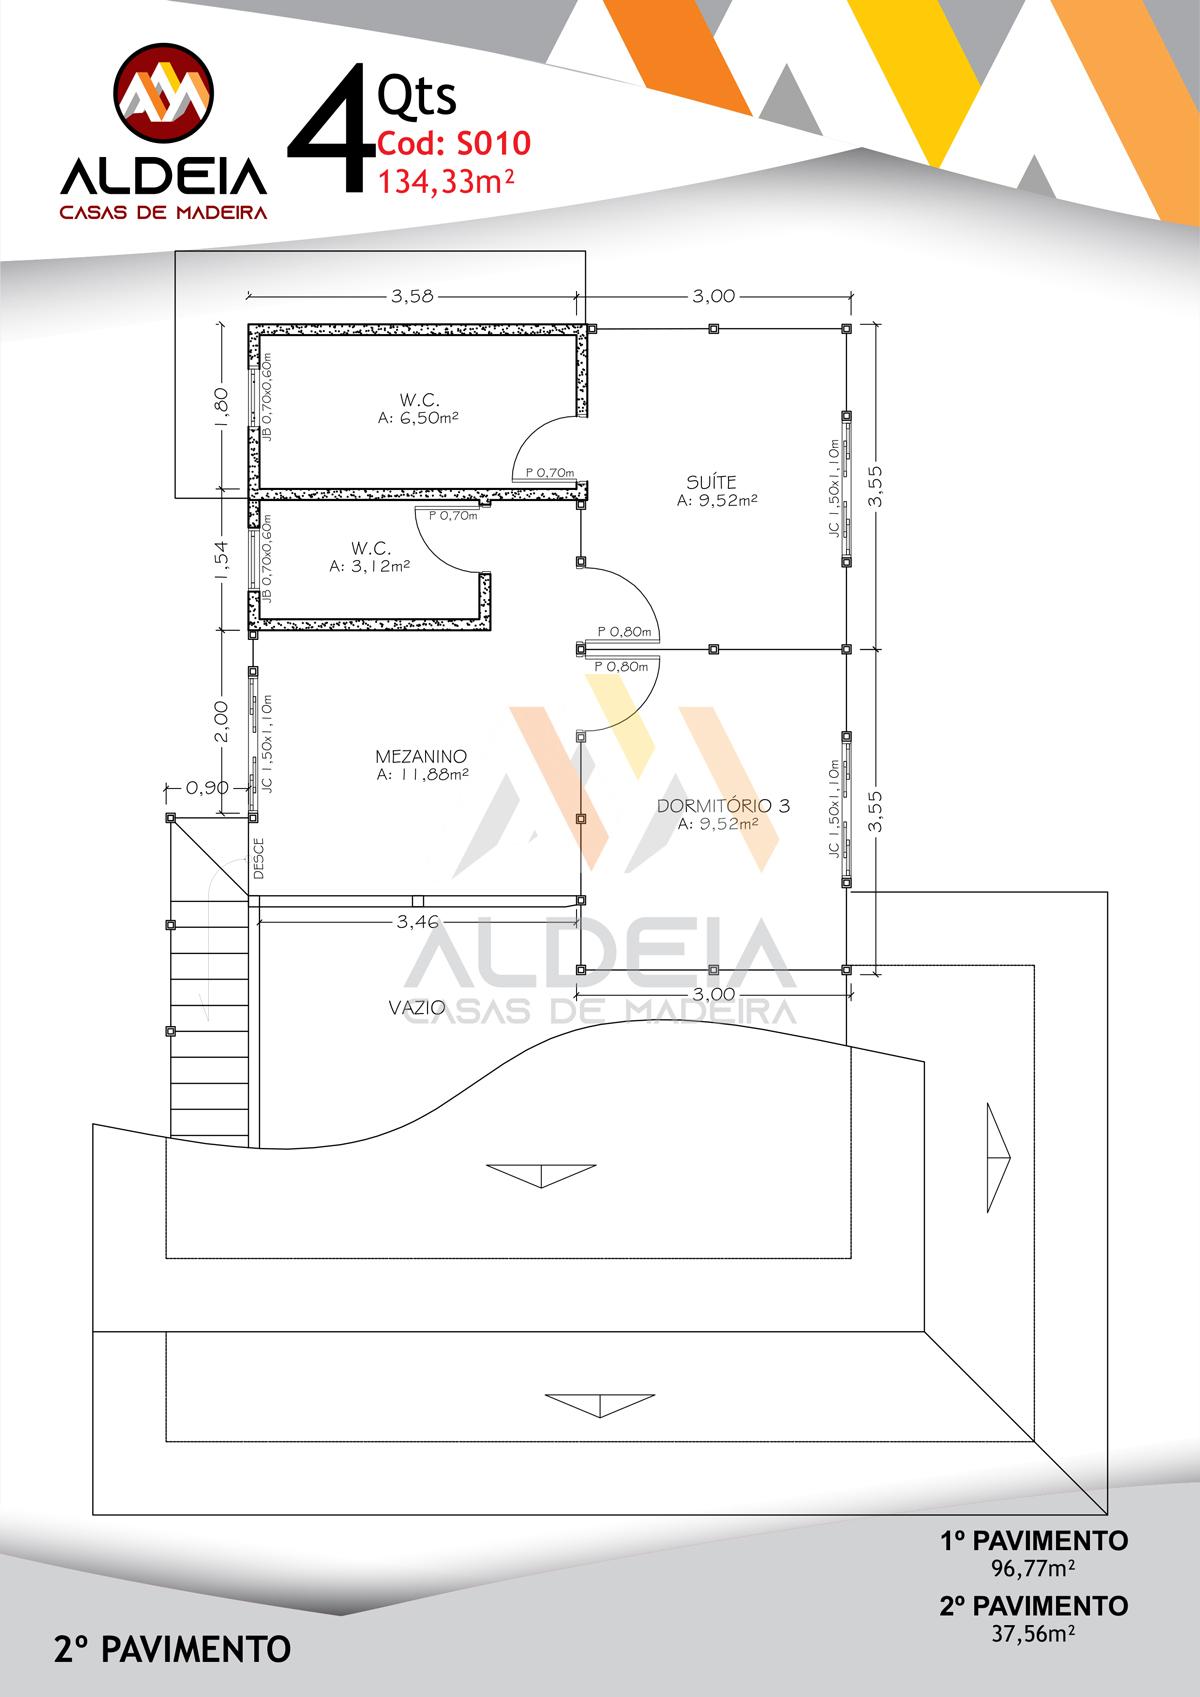 aldeia-casas-madeira-arquitetura-S010-2